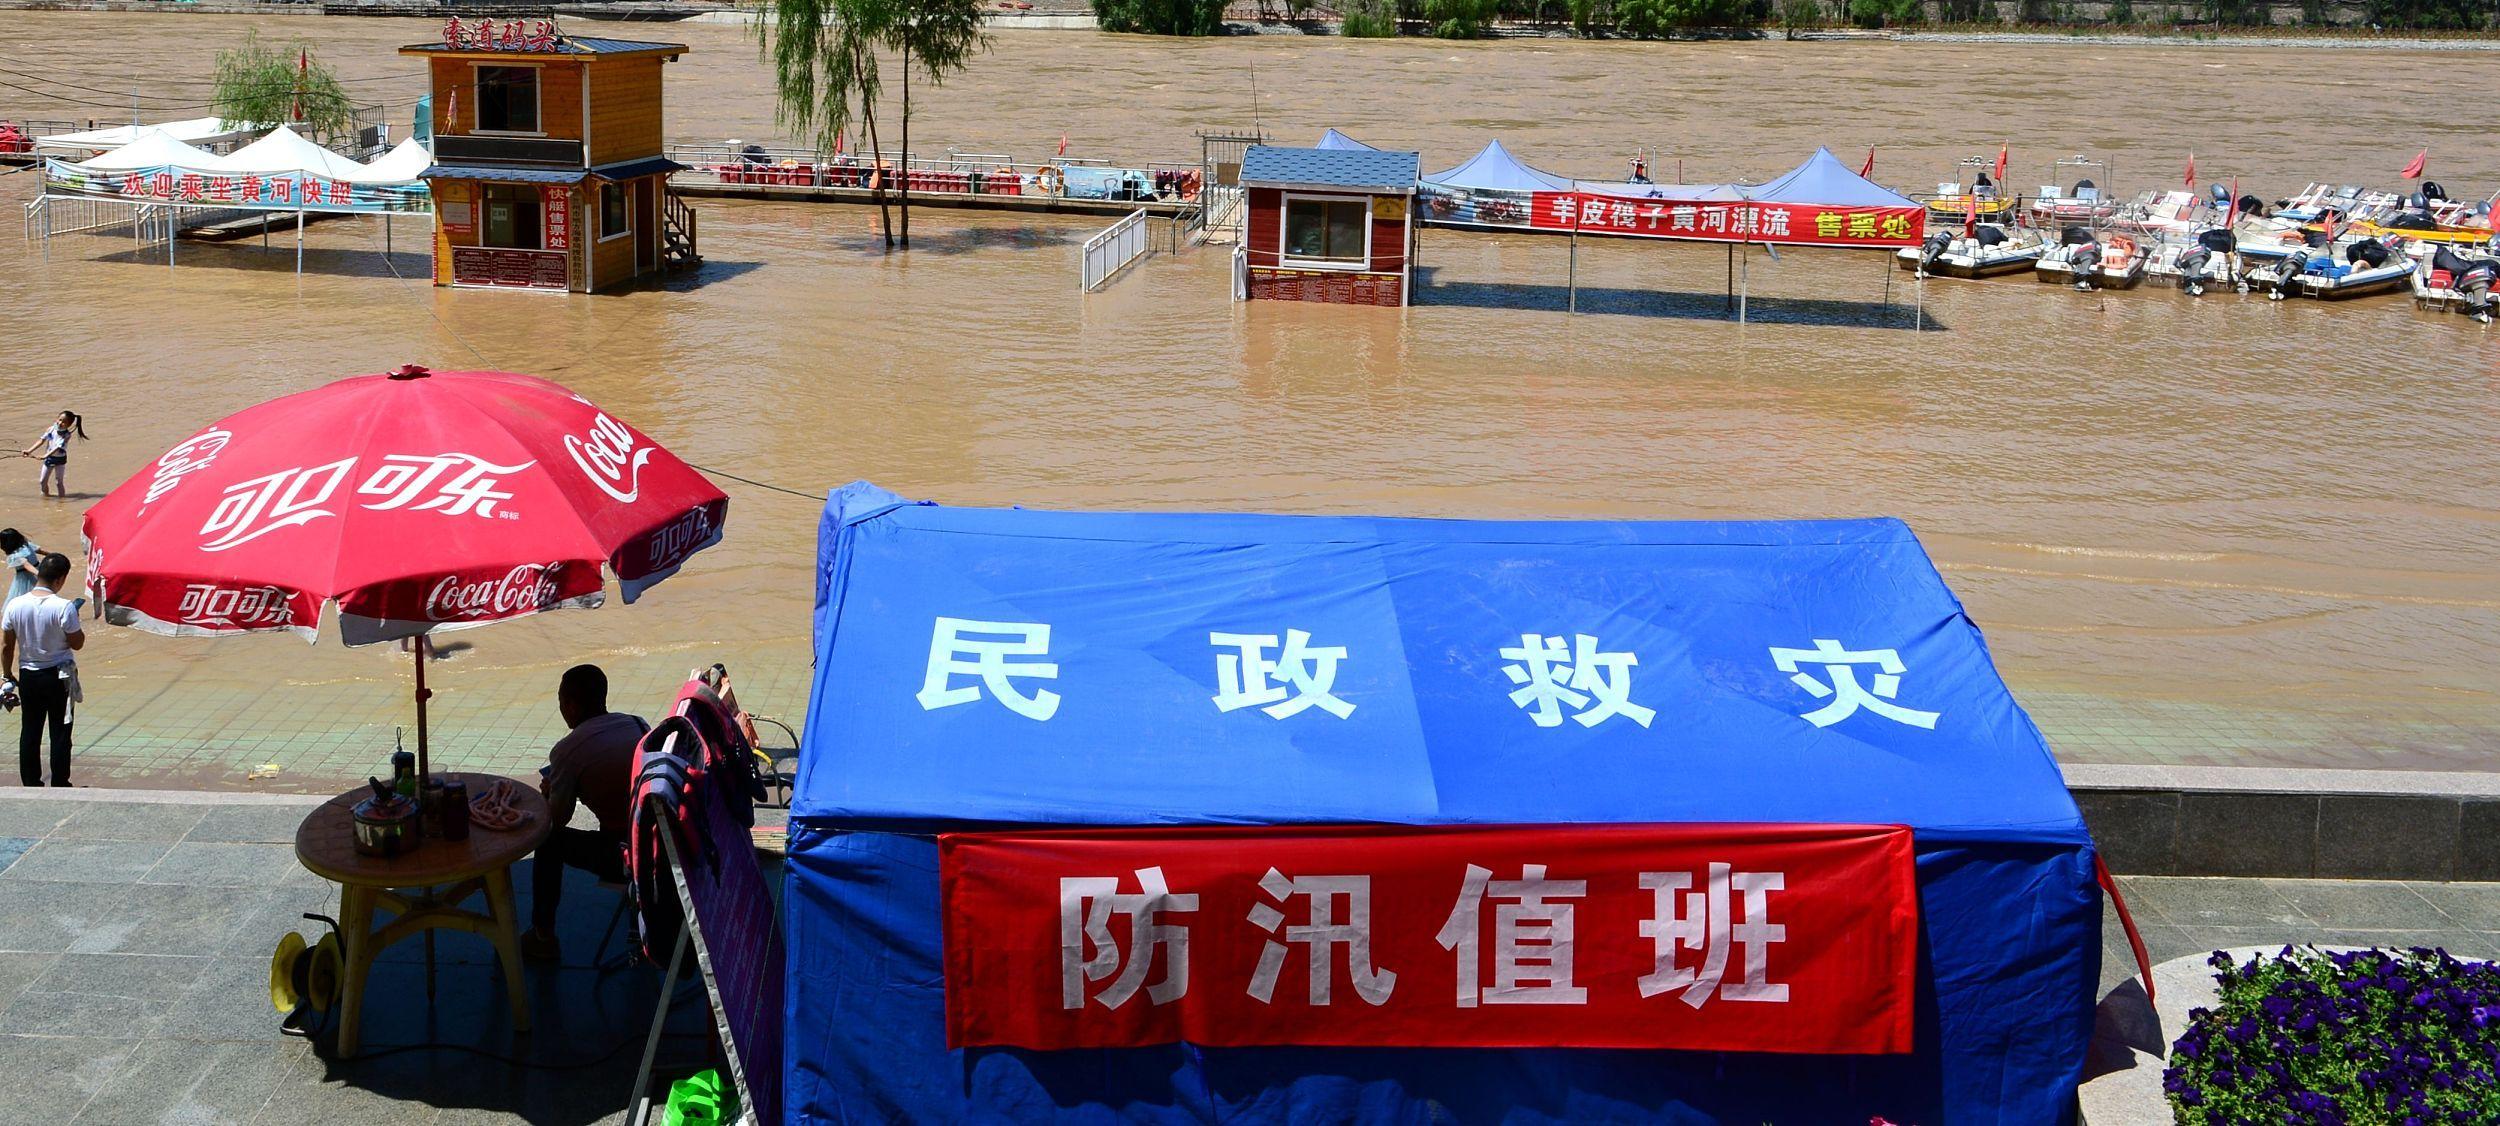 黄河遇今年第1号洪水 黄河兰州段接近警戒水位